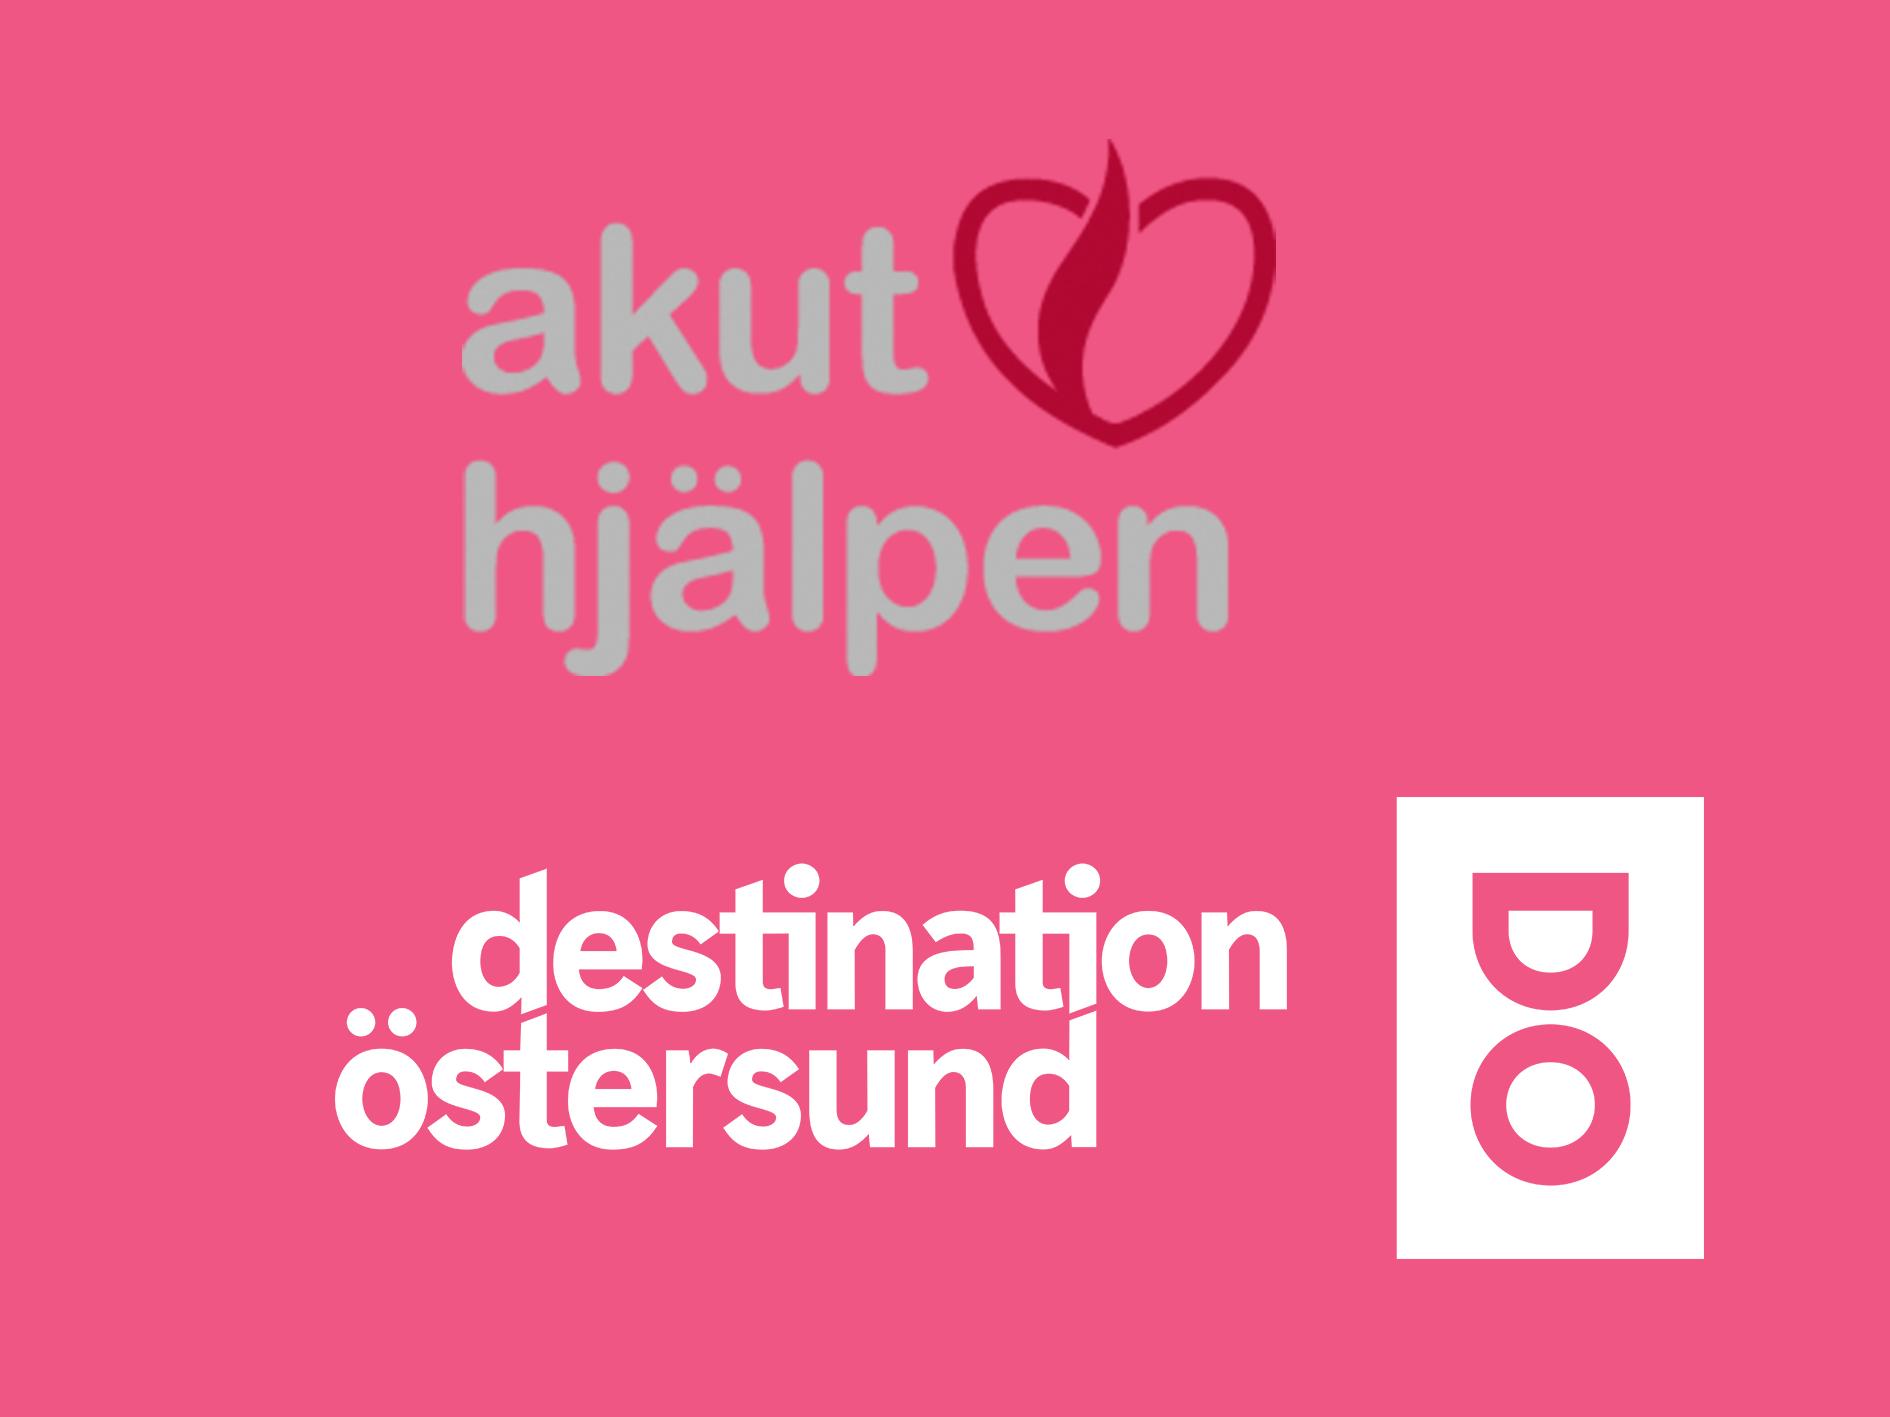 Var med och rädda liv tillsammans med Akuthjälpen och Destination Östersund!   Vad gör du om din kollega eller kund plötsligt faller ihop? Är det hjärtstopp, stroke, epilepsi eller något annat?För att du skall vara trygg i att våga ingripa och kunna rädda liv, så ordnar vi en kurs för våra medlemmar.  Tillsammans med Akuthjälpen ordnar vi ett utbildningstillfälle. Du kommer att få lära dig hjärt-lungräddning, vad du gör om någon sätter i halsen, lägga en person i stabilt sidoläge och hur en hjärtstartare fungerar.   Avsätt 2 timmar av din dag, det kan vara skillnad på liv och död för en kompis, anhörig, kollega eller kund. Även andra akuta sjukdomsfall tas upp, ex stroke, diabetes. Mycket praktiska övningar och teori som blandas. Utbildningen leds av instruktörer ifrån Akuthjälpen, vilka också jobbar inom ambulanssjukvård/räddningstjänst.   Datum:  19/2 kl 8.00-9.45  Plats:  Storsjöteatern  Pris:  550 kr/pp ex moms, faktureras respektive företag  Anmälan:  Niklas, 070-512 16 91, info@akuthjalpen.se  Anmälan sker senast 13/2, minst 8 pers max 15 pers/tillfälle för genomförande.     Välkommen önskar Destination Östersund & Akuthjälpen